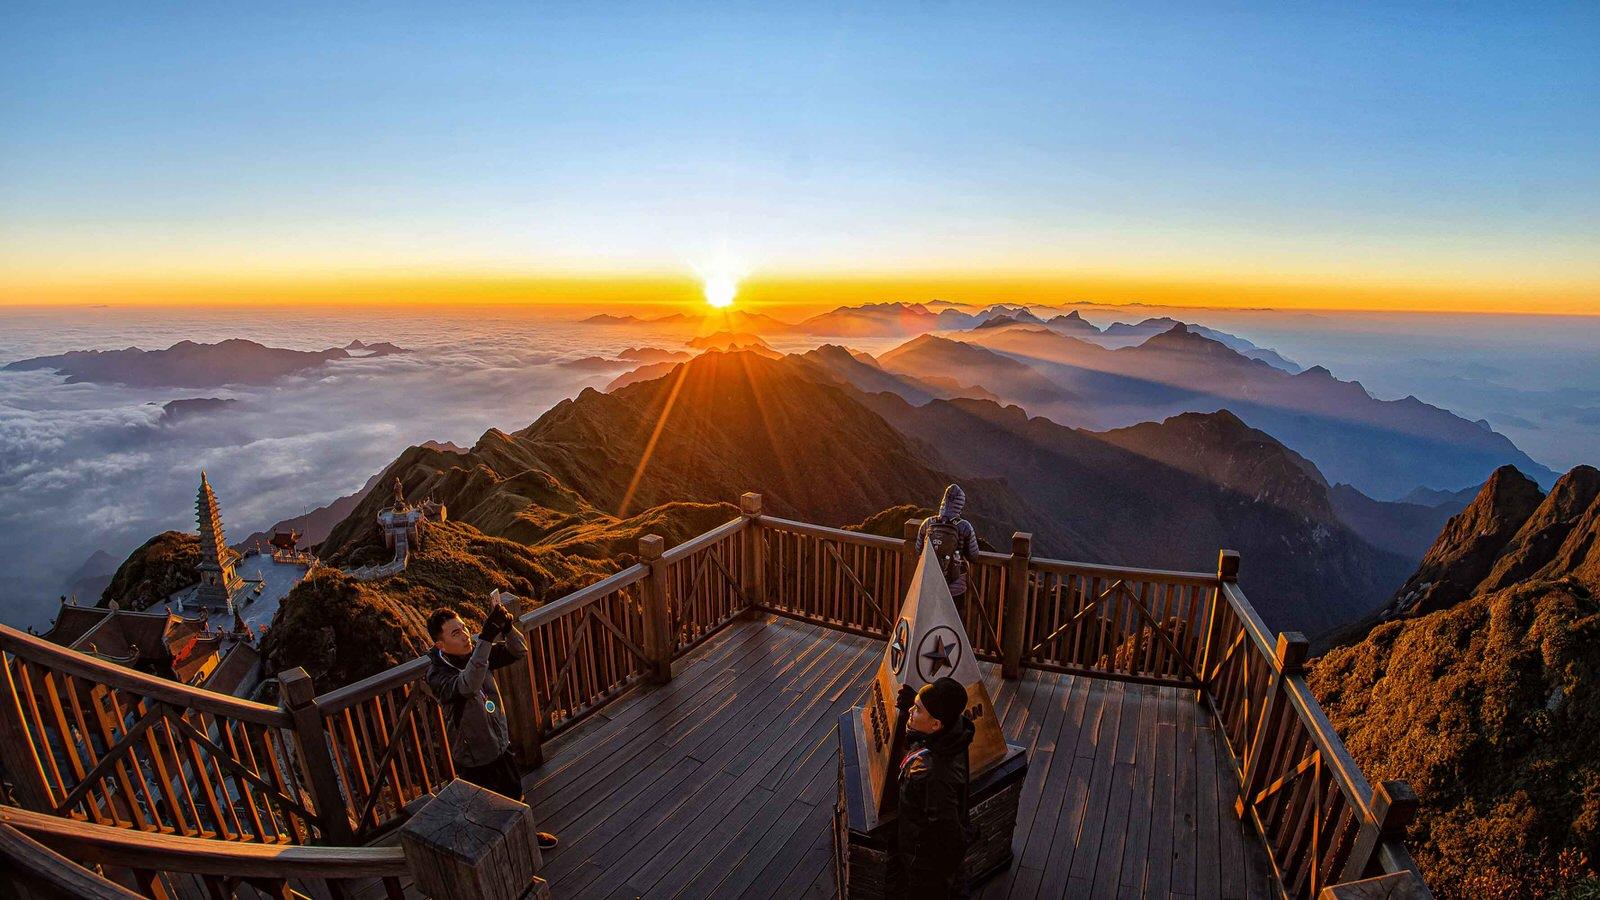 Cột mốc đỉnh núi Fansipan - ngọn núi cao nhất Việt Nam